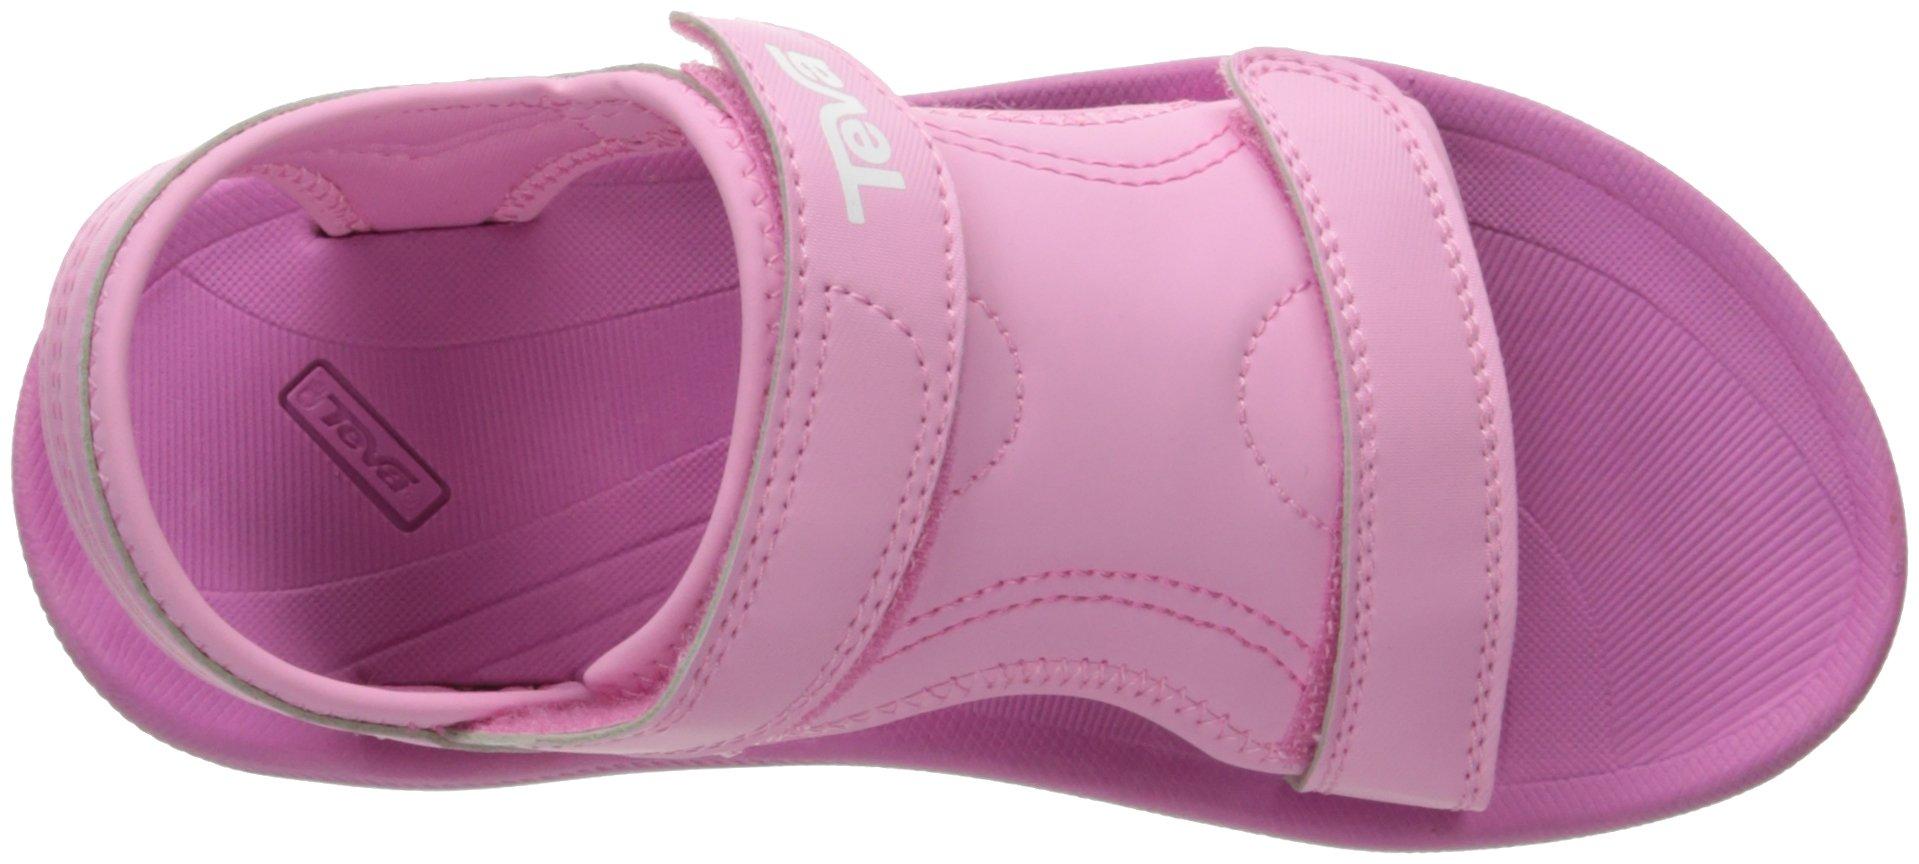 Teva Girls' Psyclone 4 Sandal, Pink, 1 M US Little Kid by Teva (Image #8)